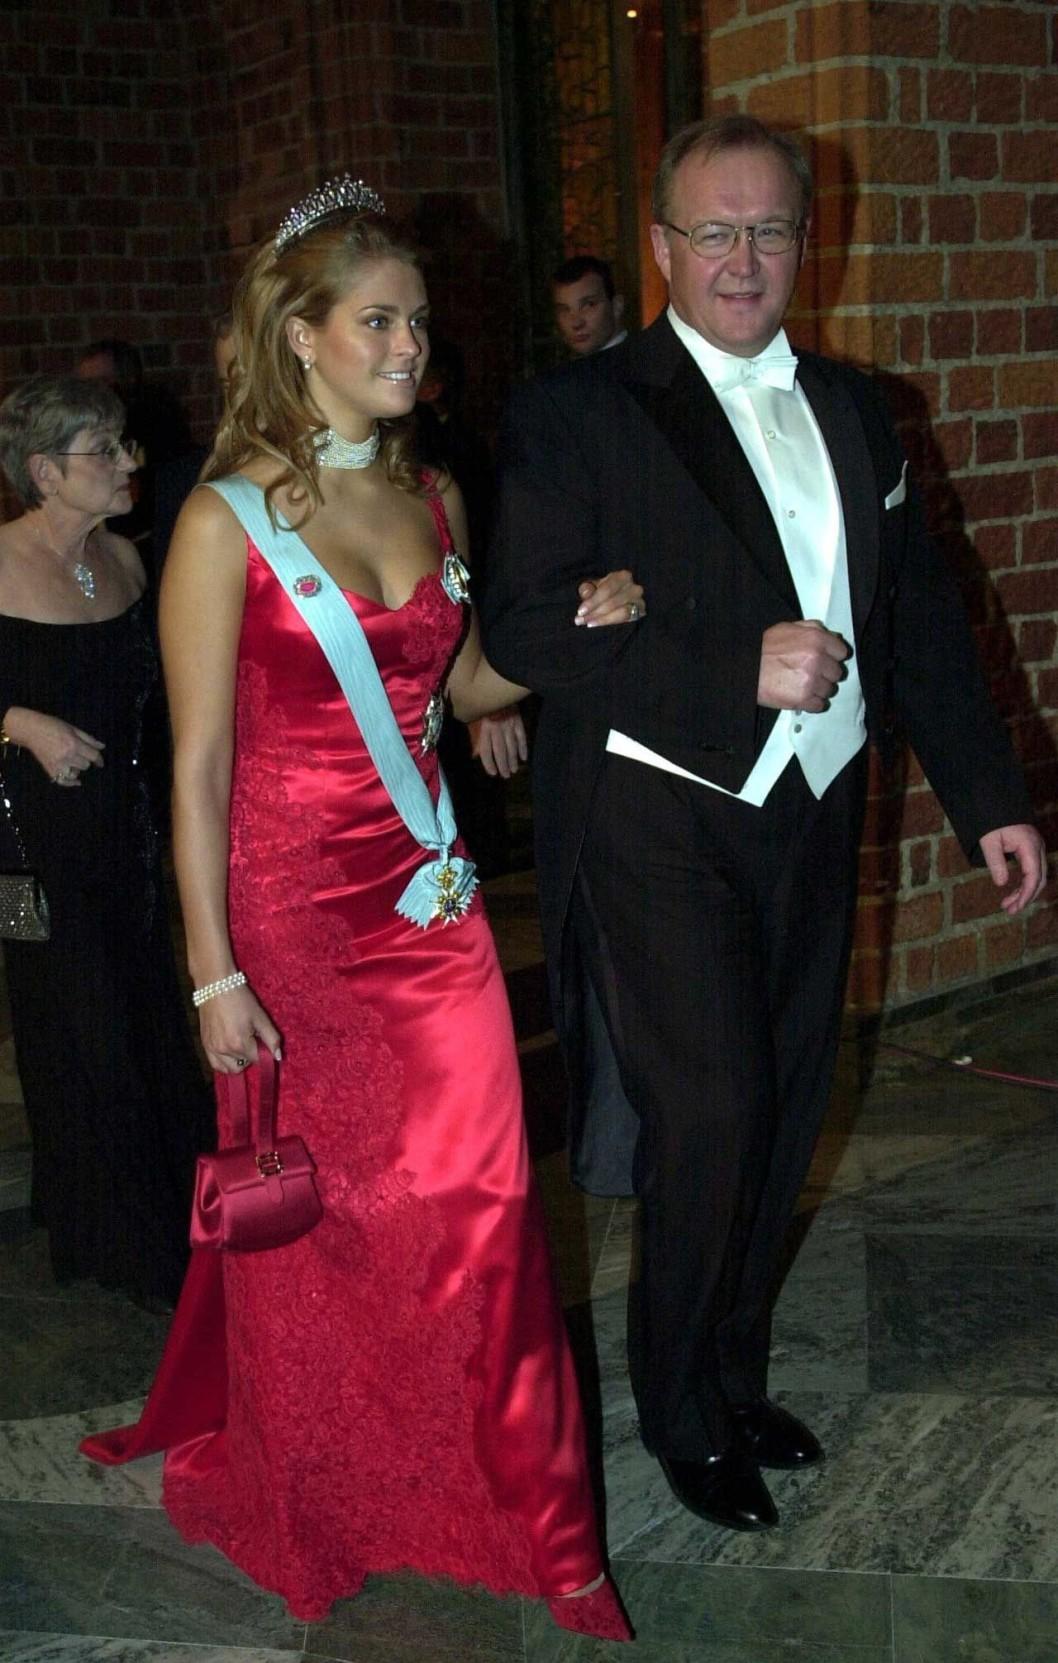 """Нобель 2002 г - платье совместного дизайна принцессы и шведского модельера  Pär Engsheden получило негативную оценку - критиками было прозвано Baywatch ( """" Спасатели Малибу"""" - тв-серия с Памелой Андерсон) - платье за цвет и """" щедрое """" декольте)"""